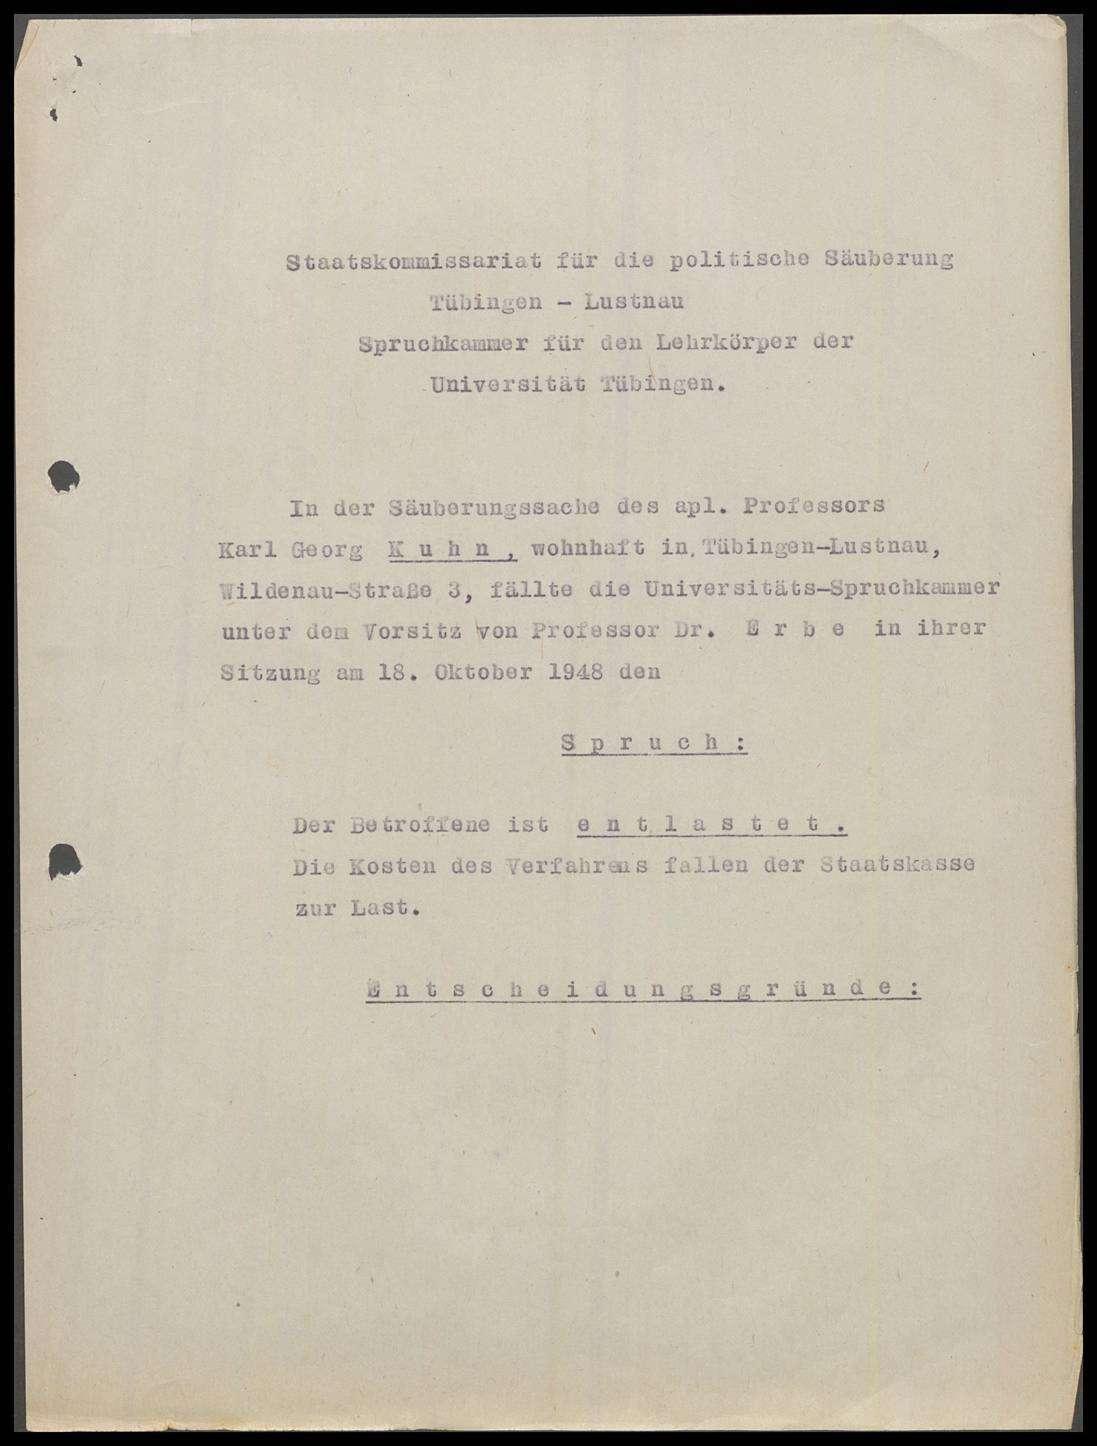 Kuhn, Karl Georg, Prof., Bild 2